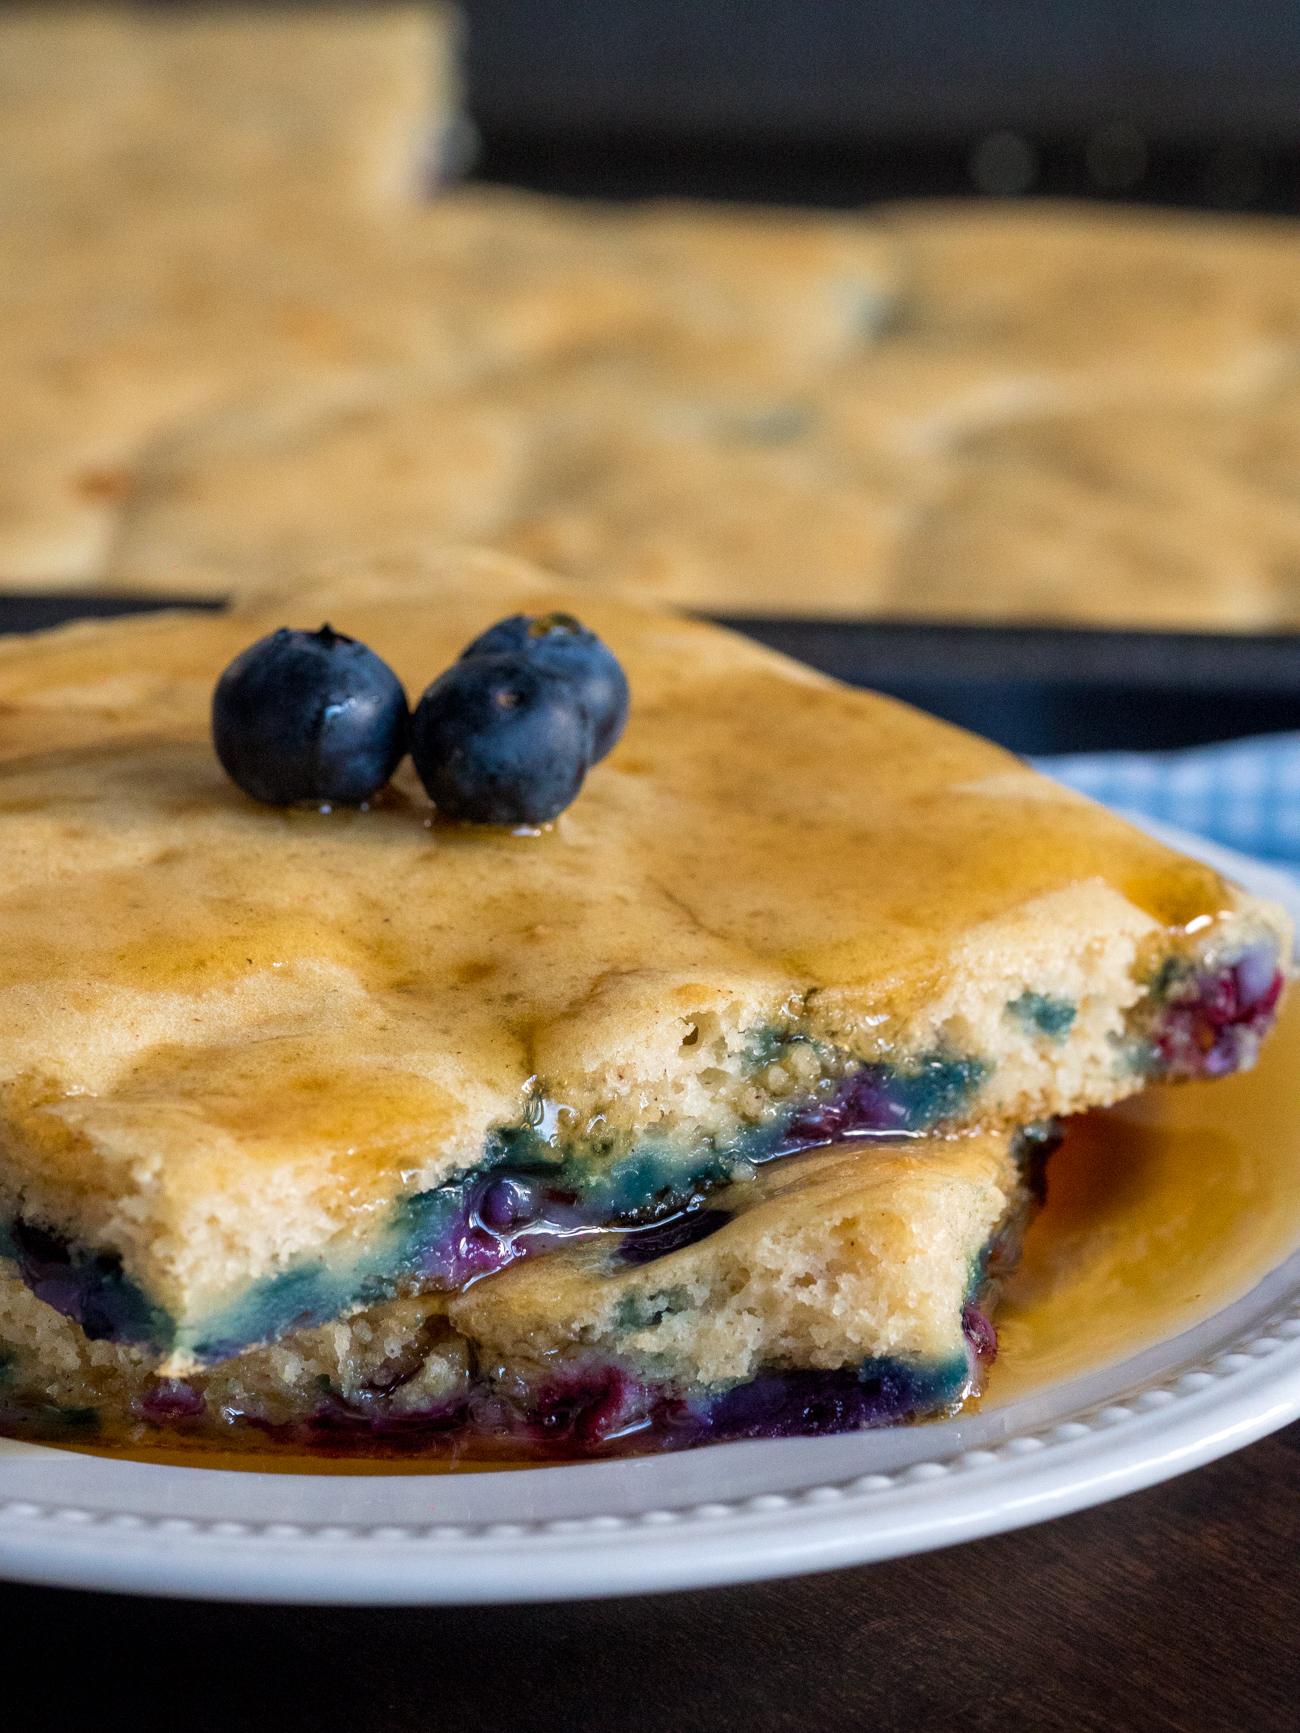 Sheet Pan Blueberry Pancakes Vertical 5